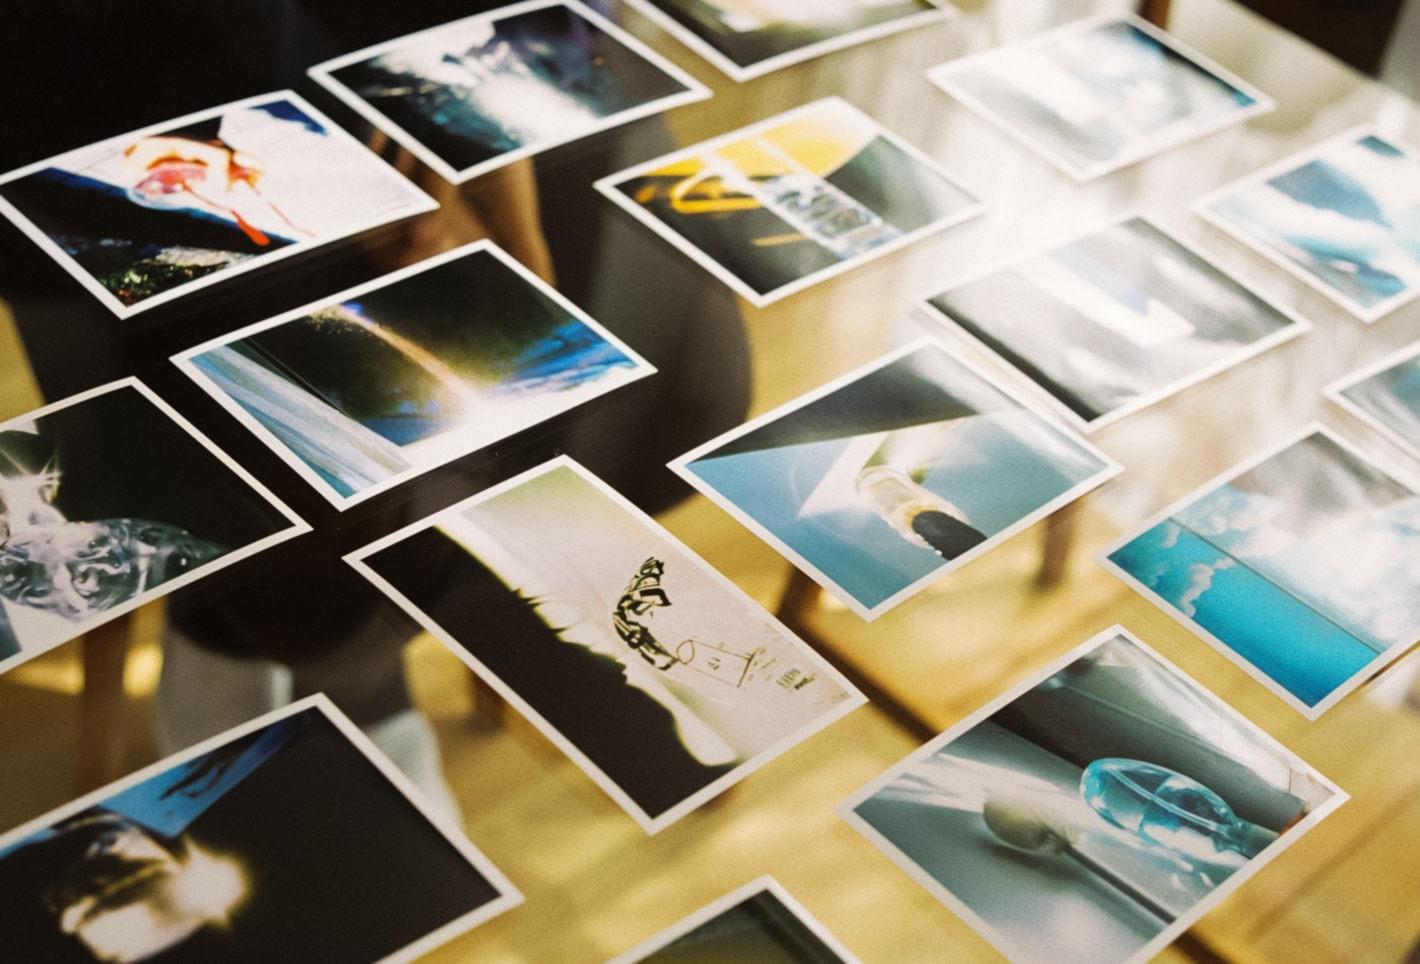 カロリーメイトなど数々の広告・雑誌で活躍!写真家・石田真澄さんインタビュー – フィルムでとらえる愛おしい光や瞬間